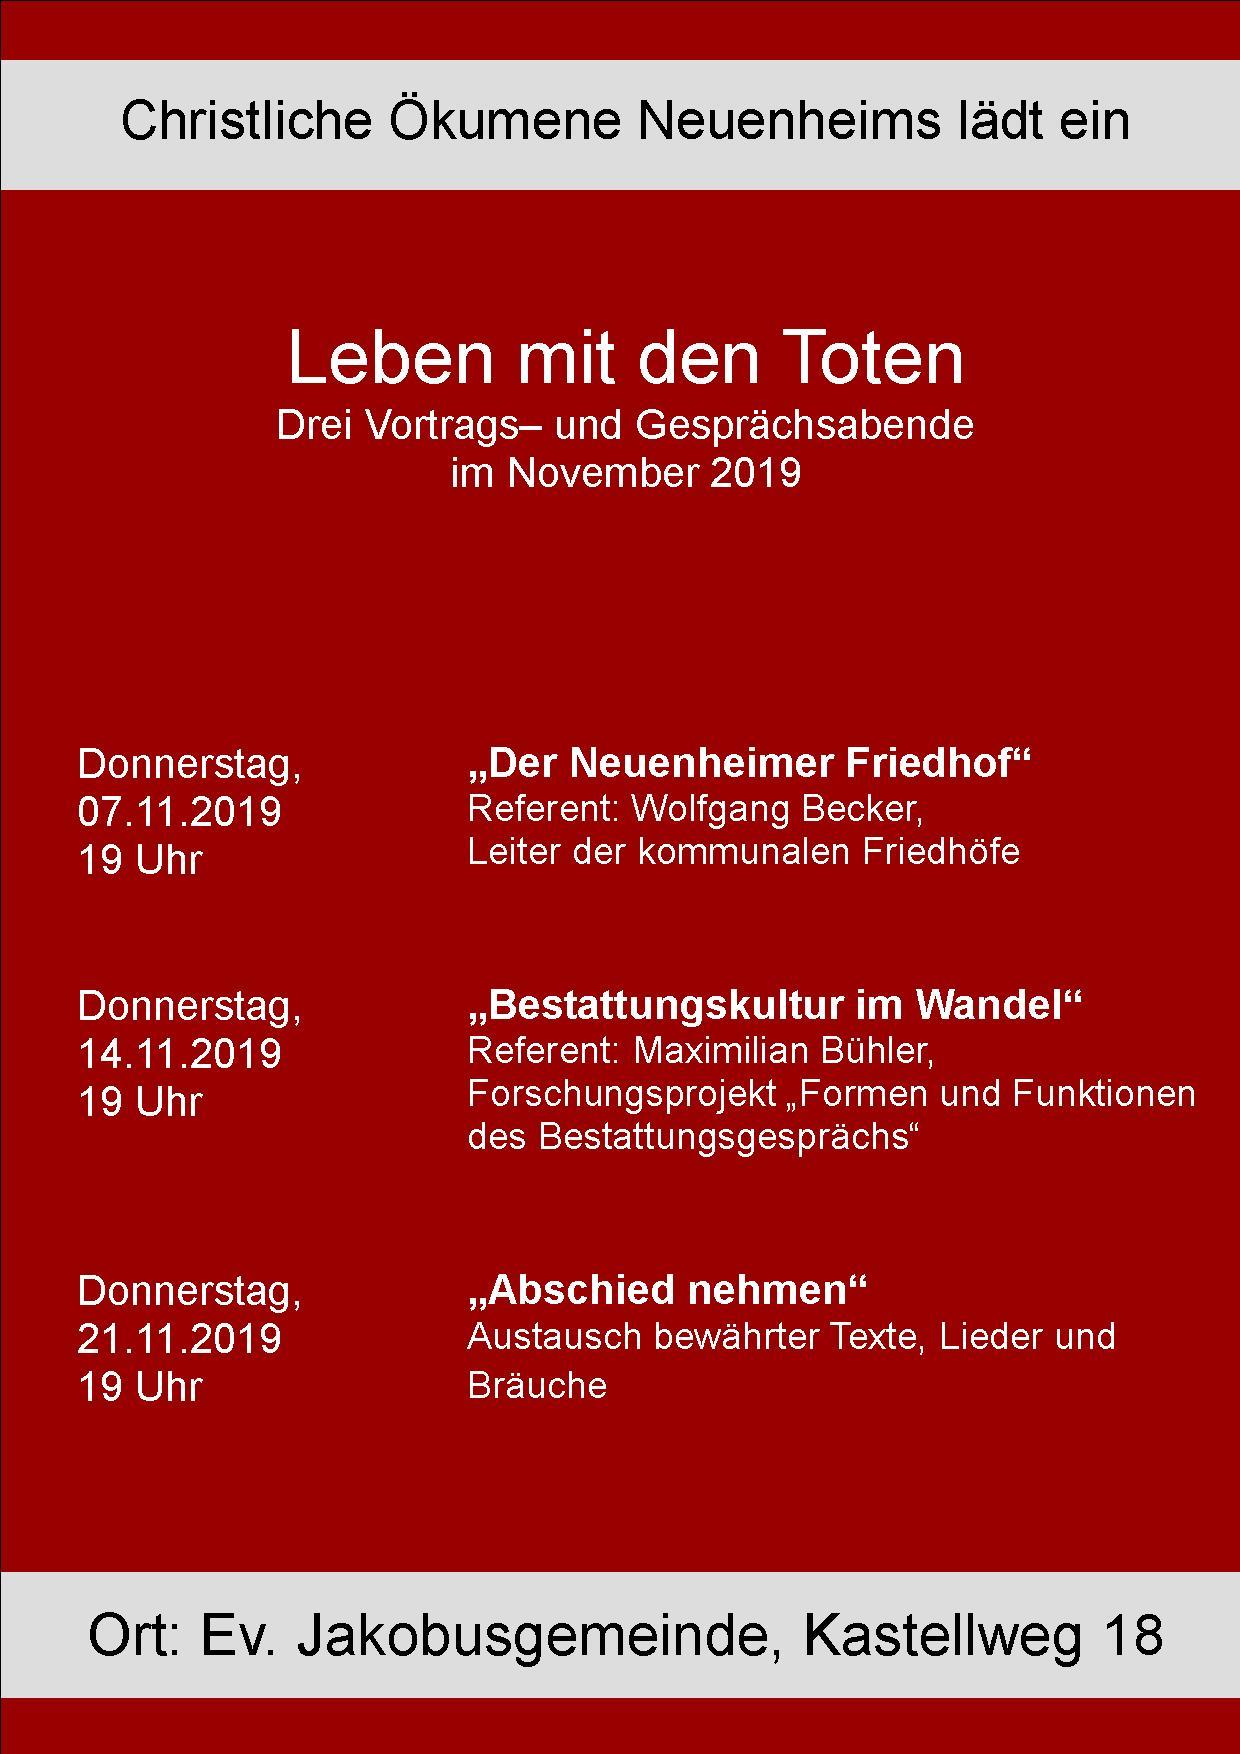 Ökumenische_Vortragsreihe_2019